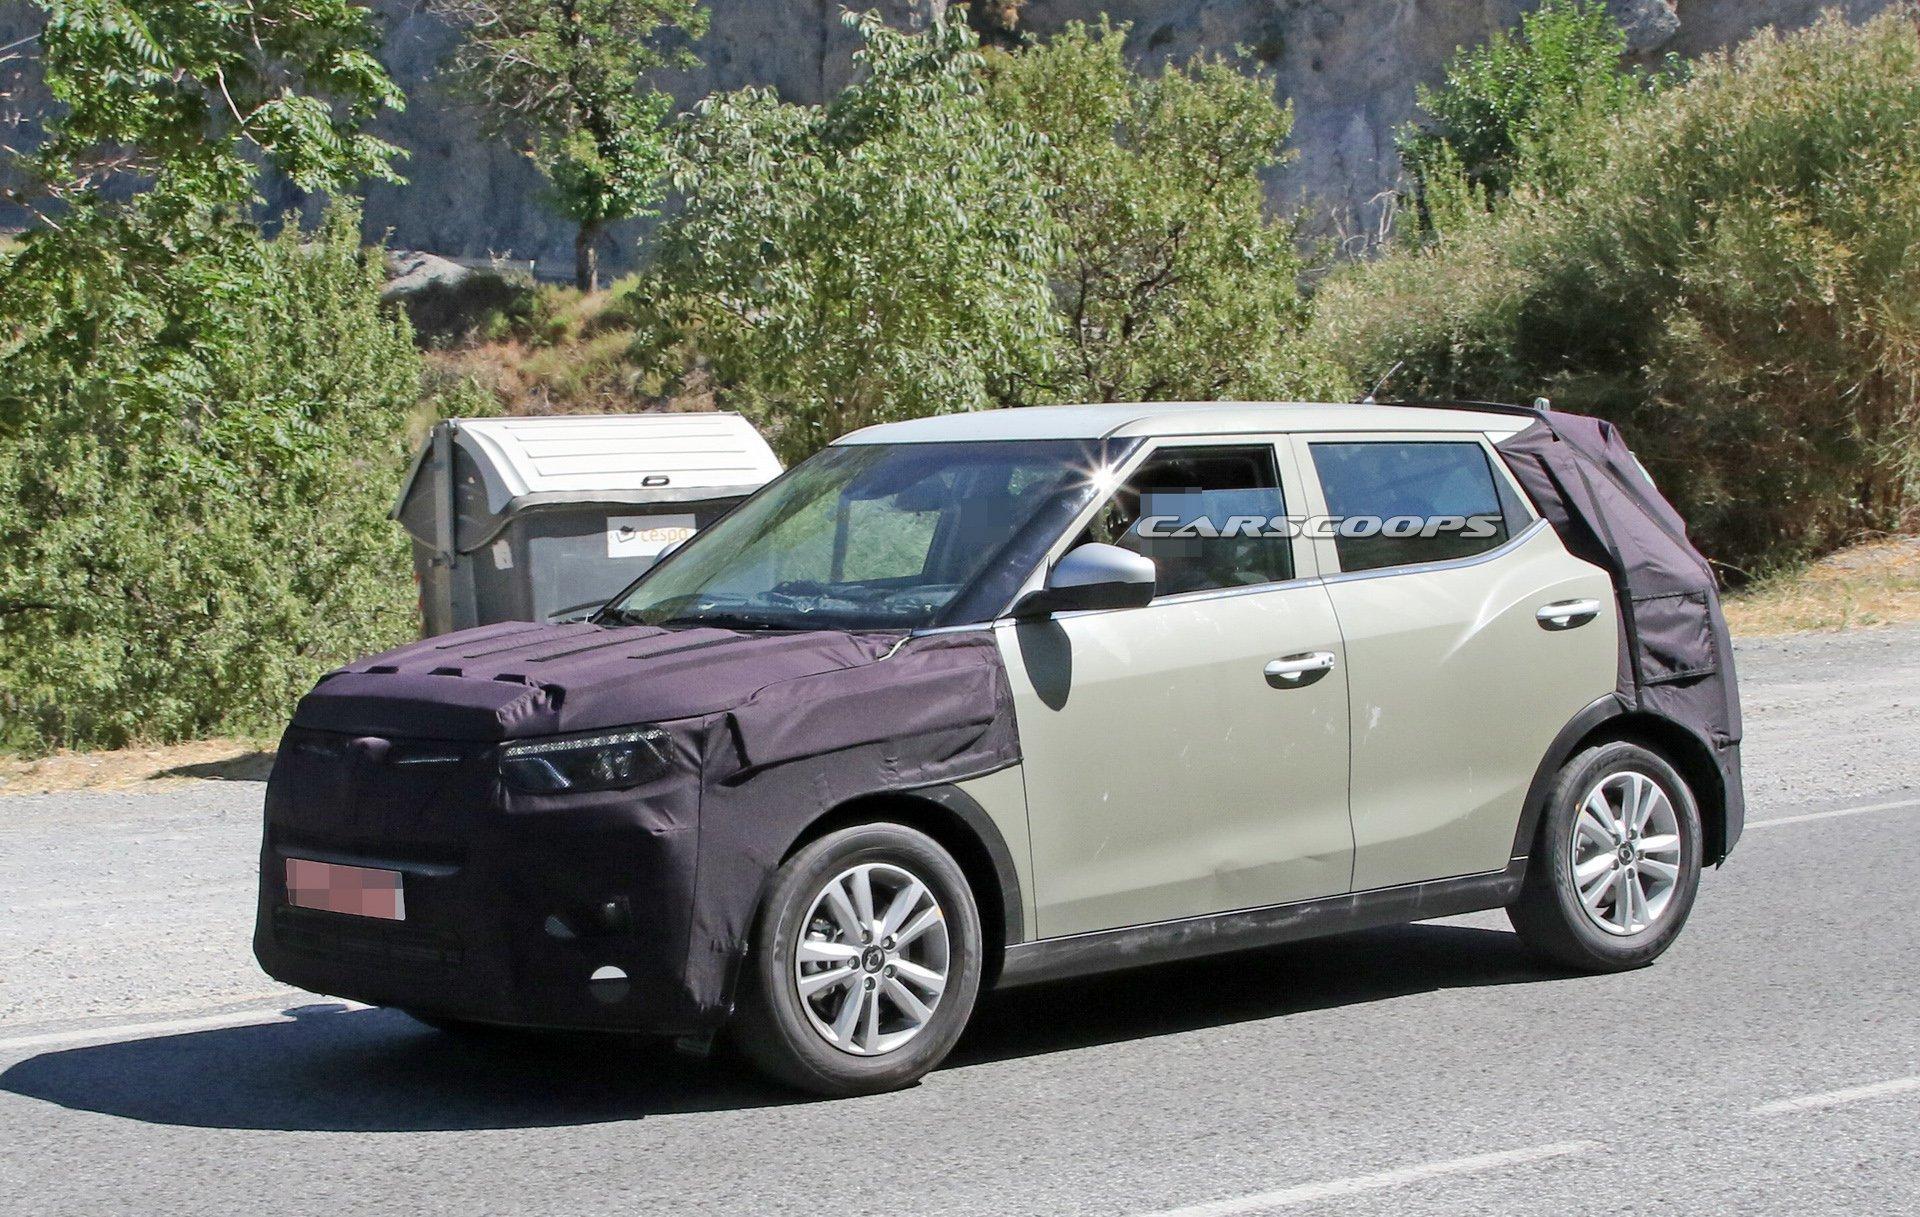 خودرو تیوولی 2019 با تیپ جدید به بازار می آید (عکس)